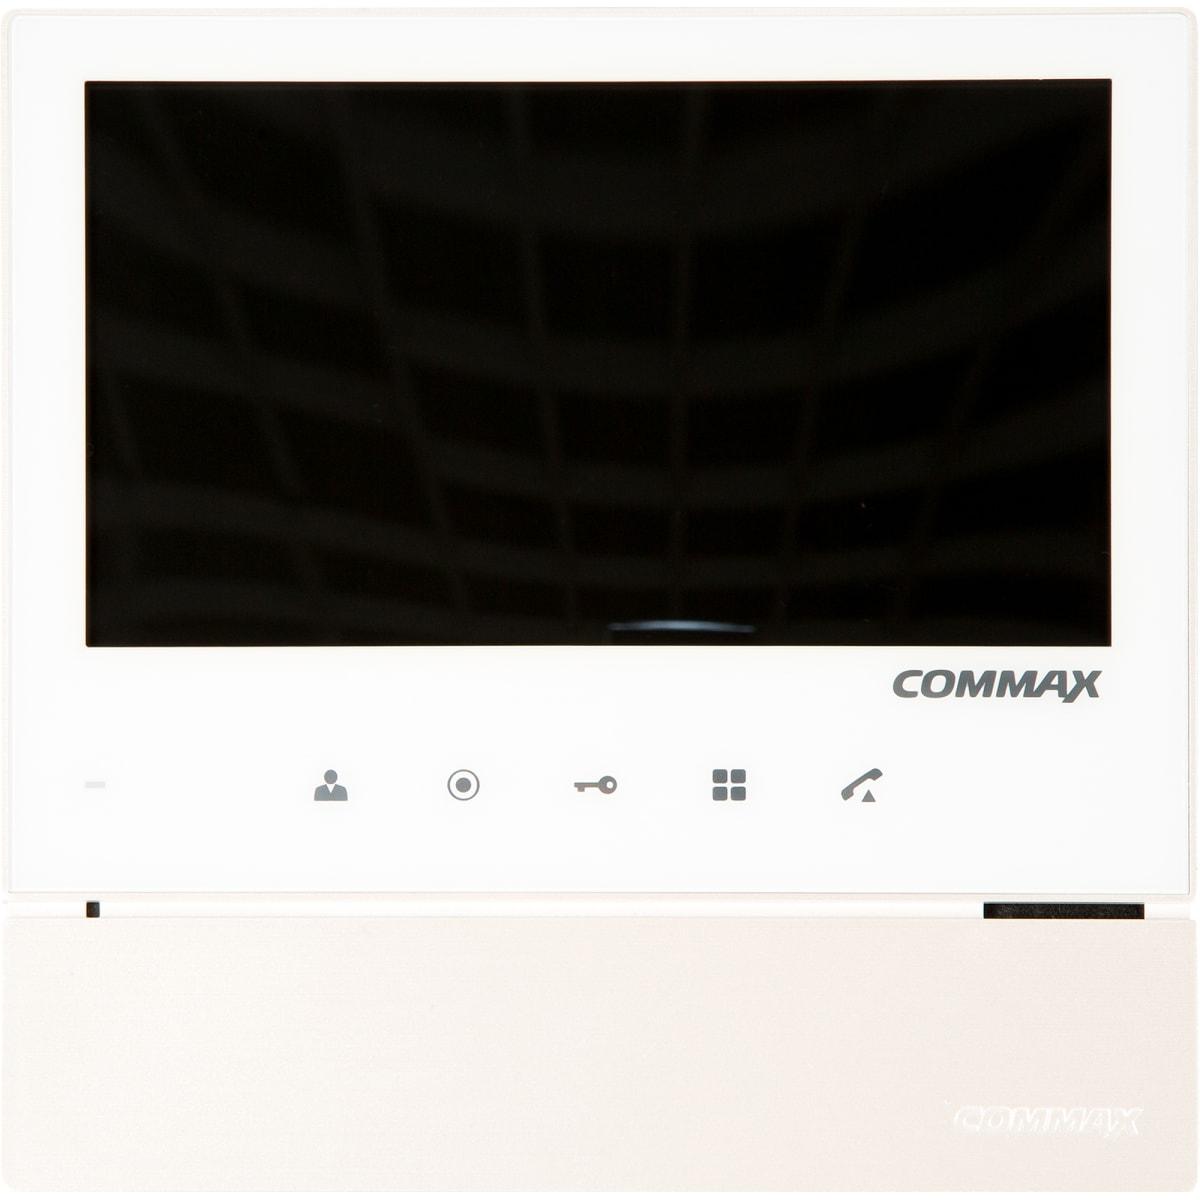 Видеодомофон Commax CDV-70H2, монитор 7 дюймов